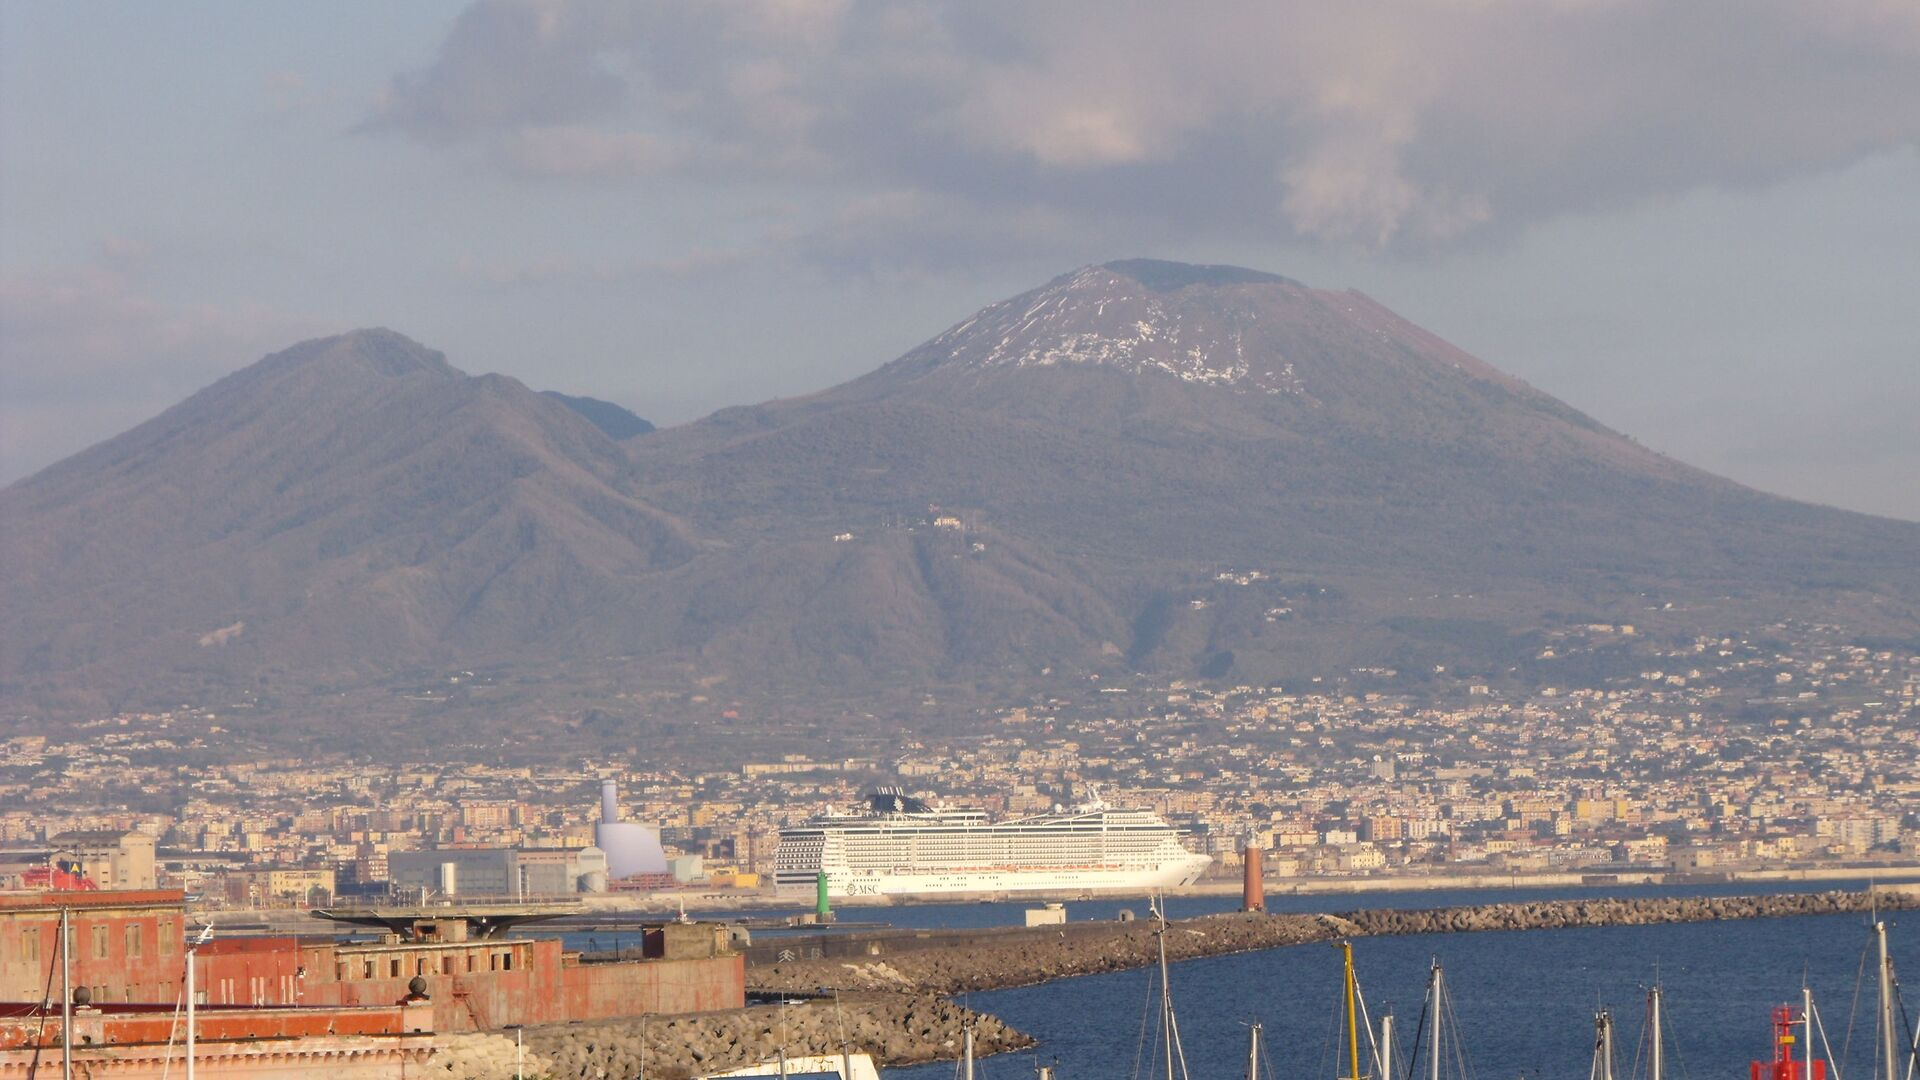 Golfo di Napoli e Vesuvio  - Sputnik Italia, 1920, 29.04.2021